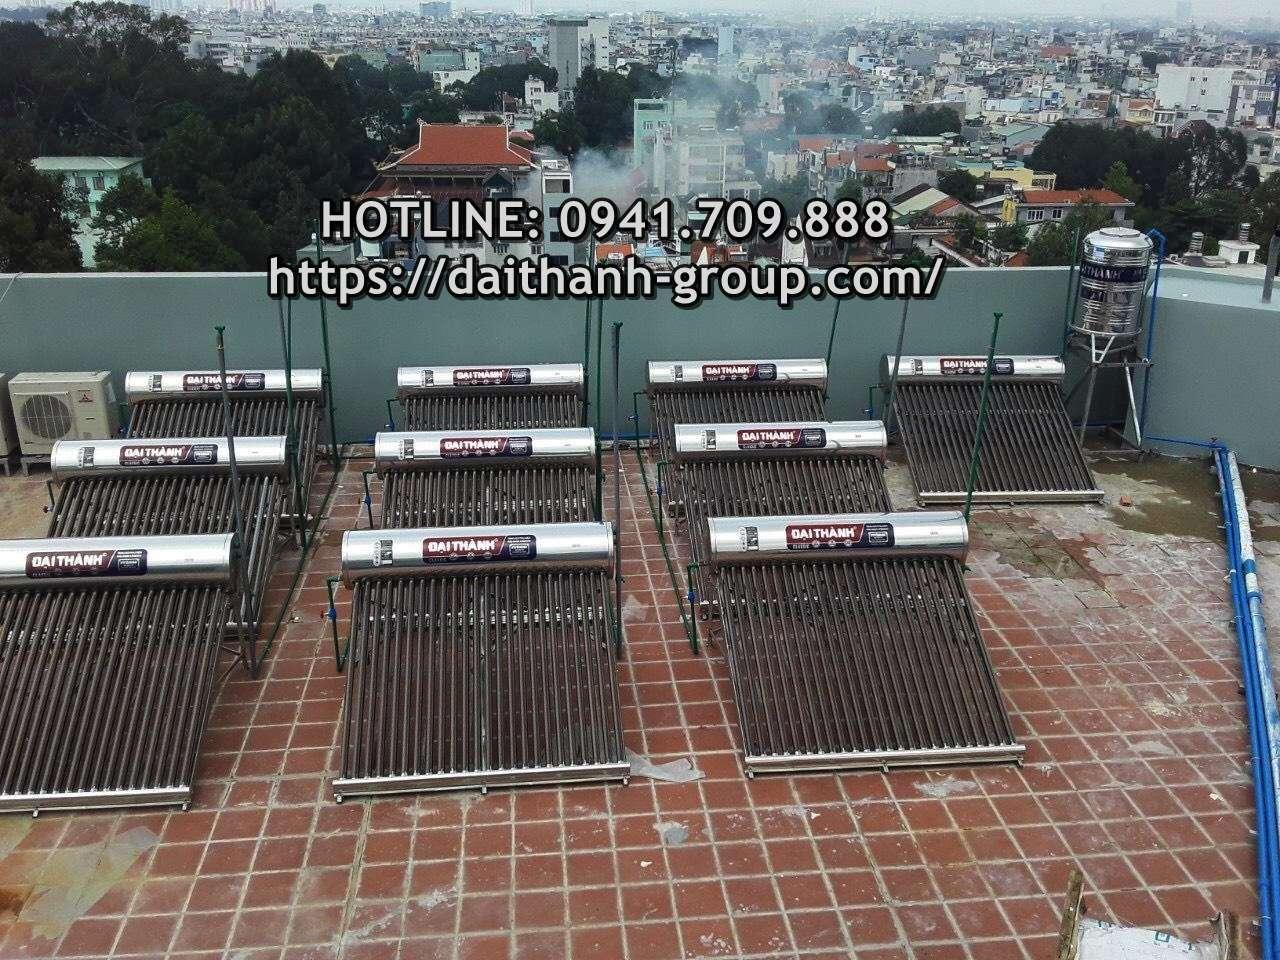 Danh sách các đơn vị cung cấp máy năng lượng mặt trời Đại Thành tại Hà Nội